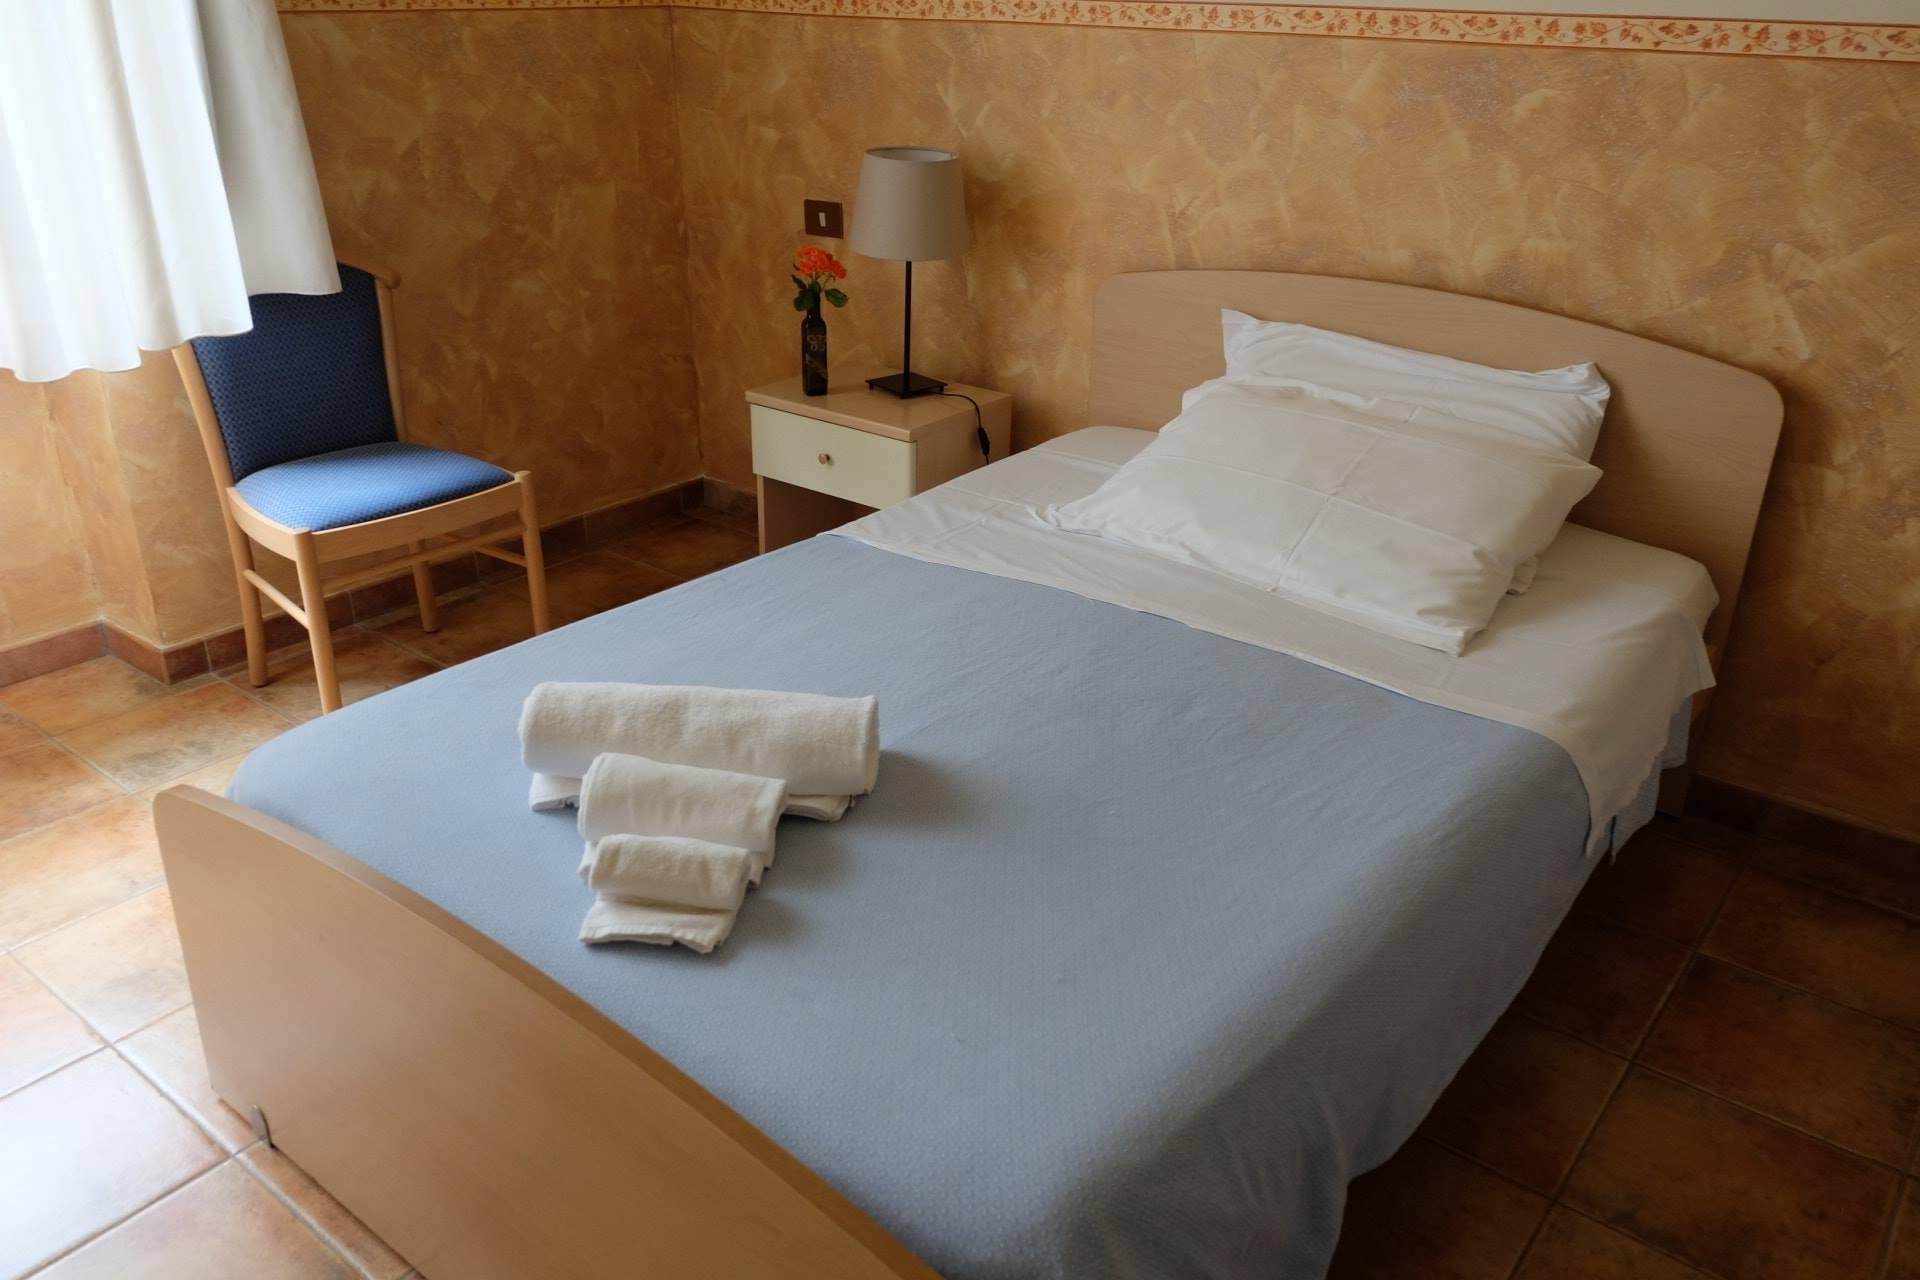 galleria foto camere hostel il tetto melfi ostello dormire soggiorno vacanze basilicata5